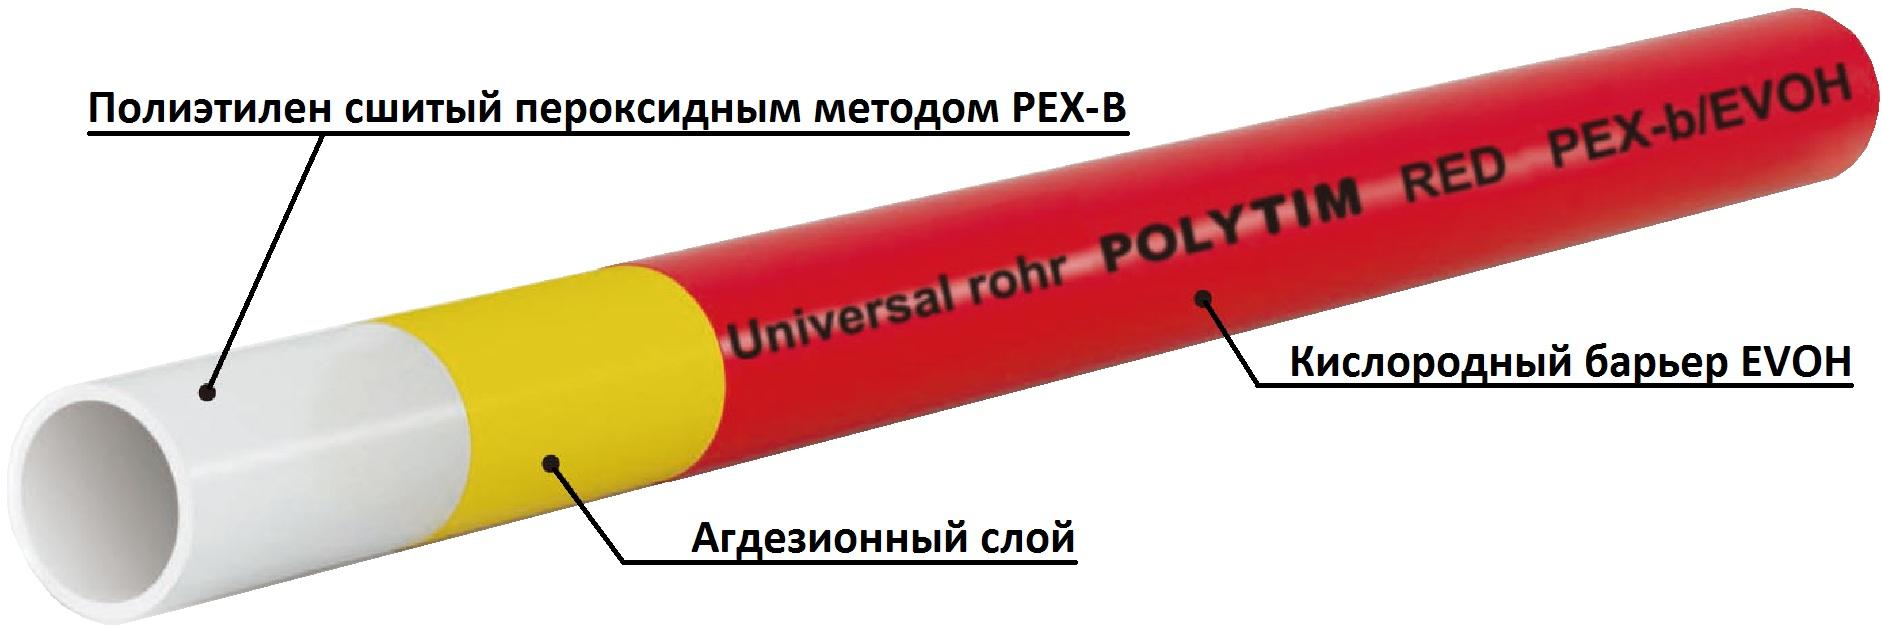 Бир пекс из молекулярно сшитого полиэтилена